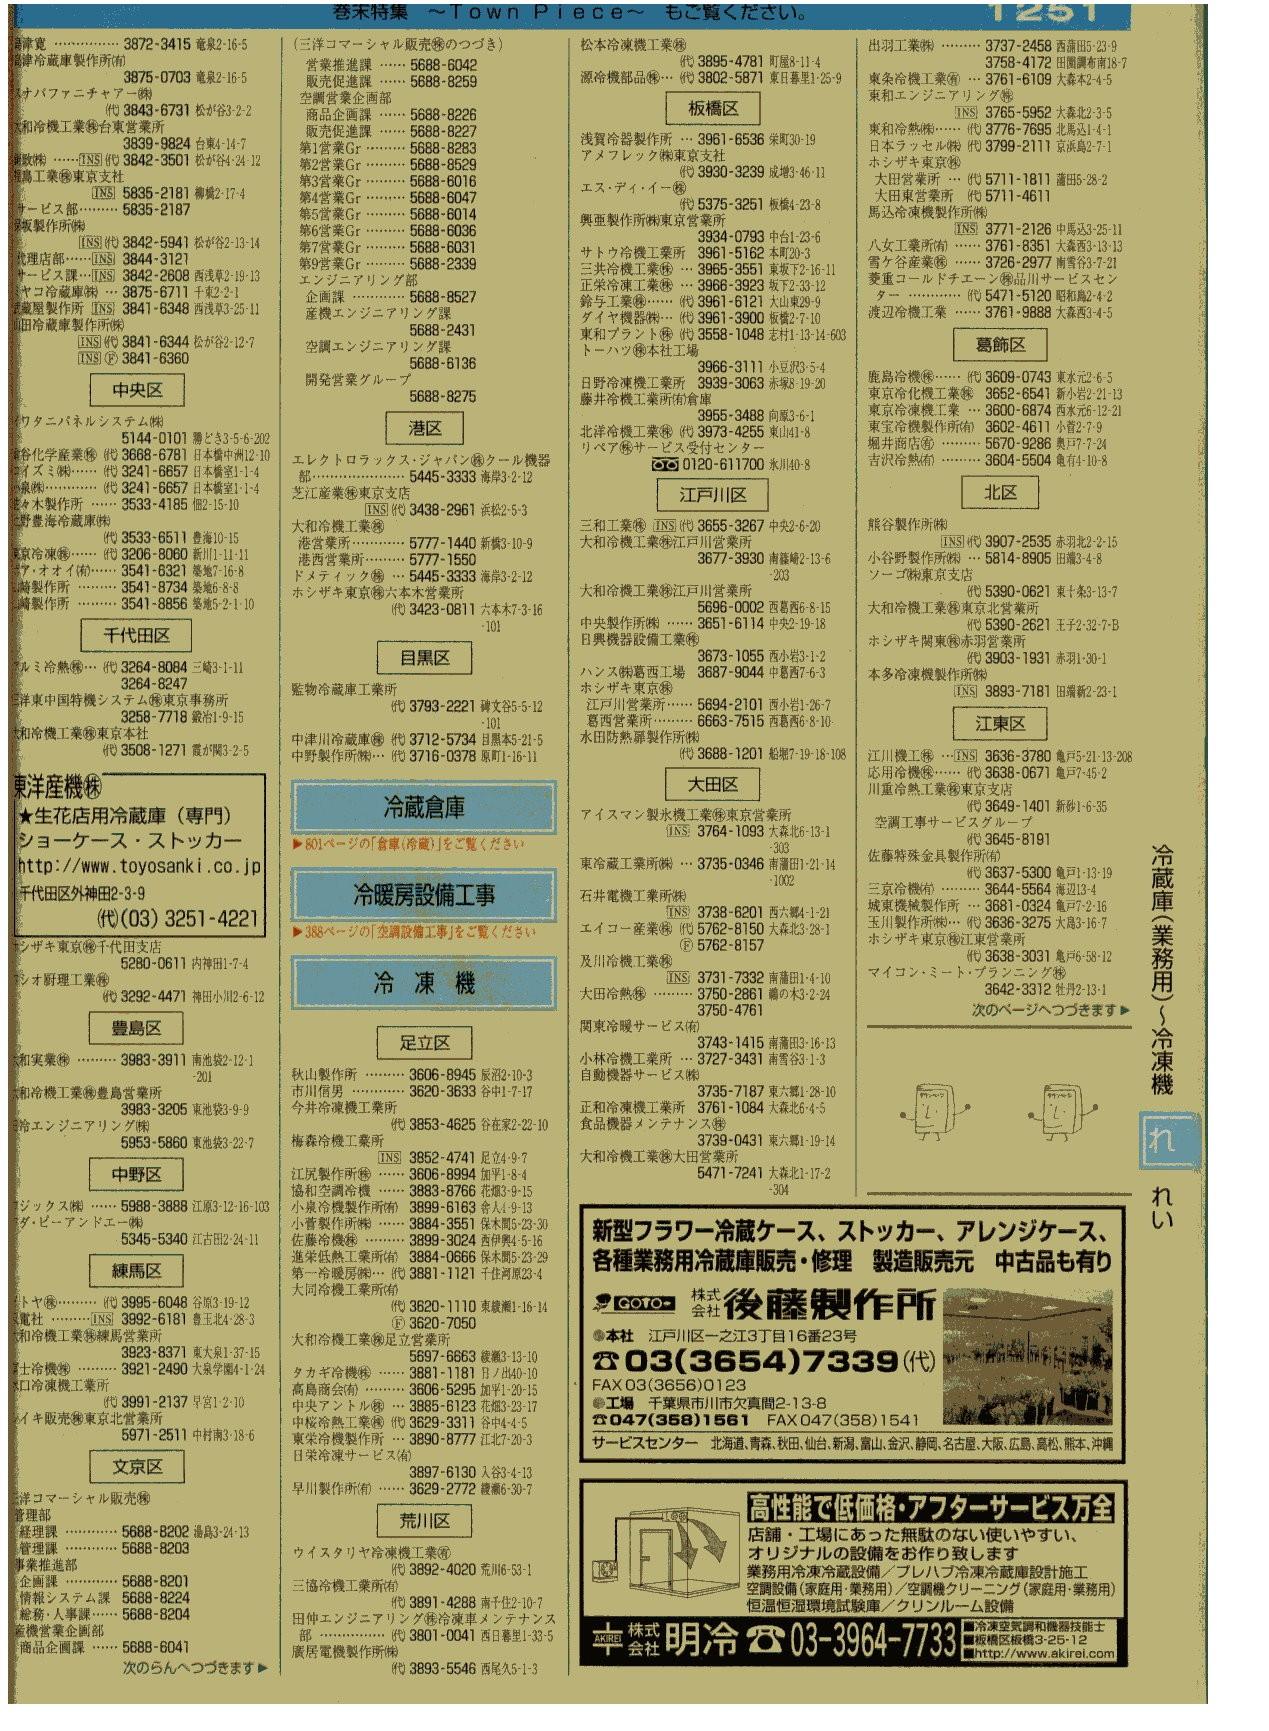 タウンページ 会社概要・会社案内|NTTタウンページ